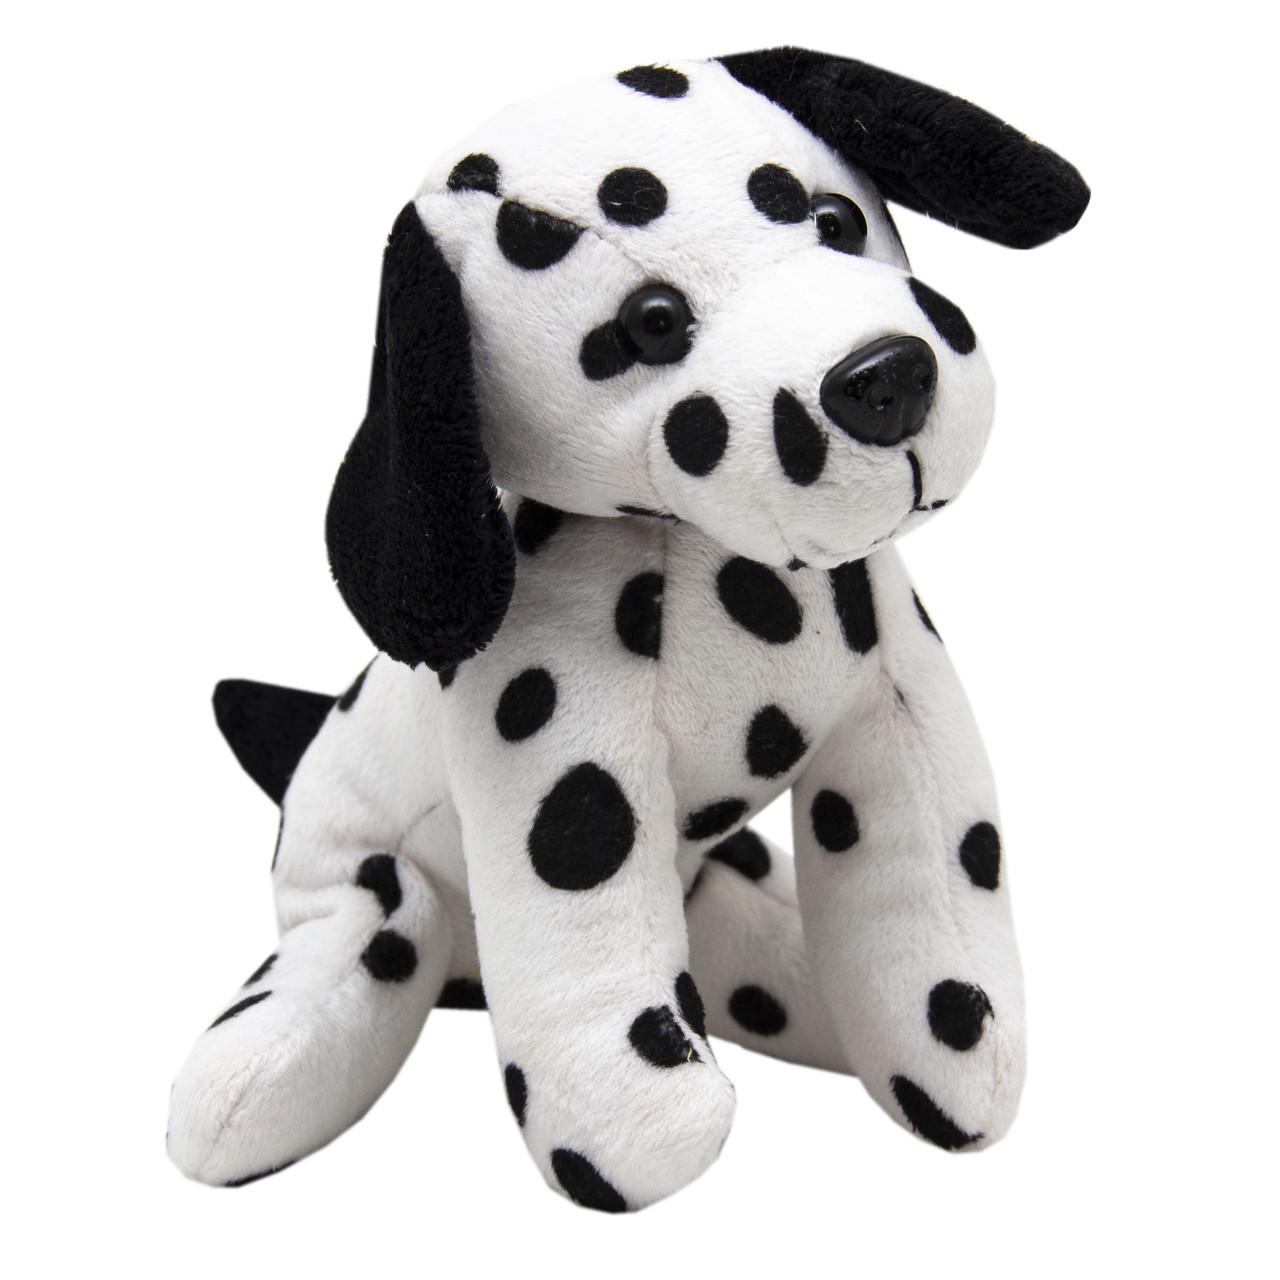 Мягкая игрушка Щенок, 15 см, далматинец (M1307215-1)